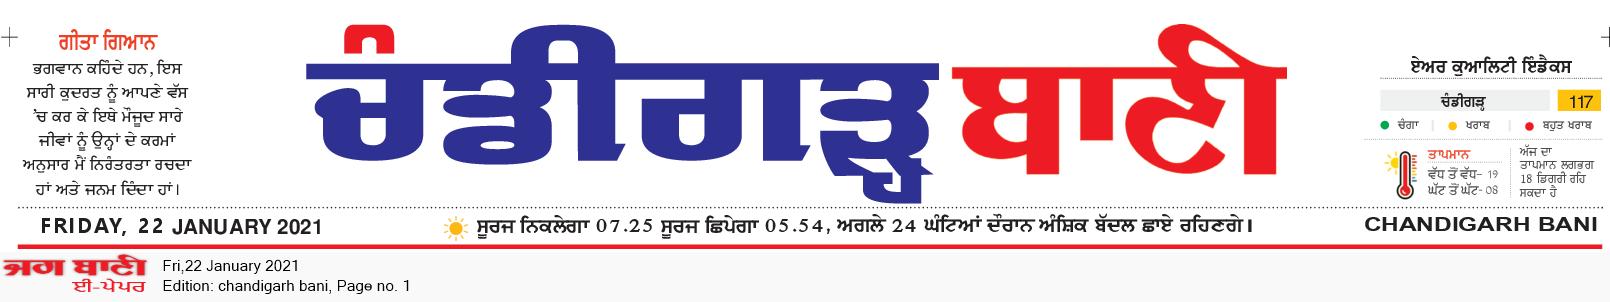 Chandigarh Bani 1/22/2021 12:00:00 AM